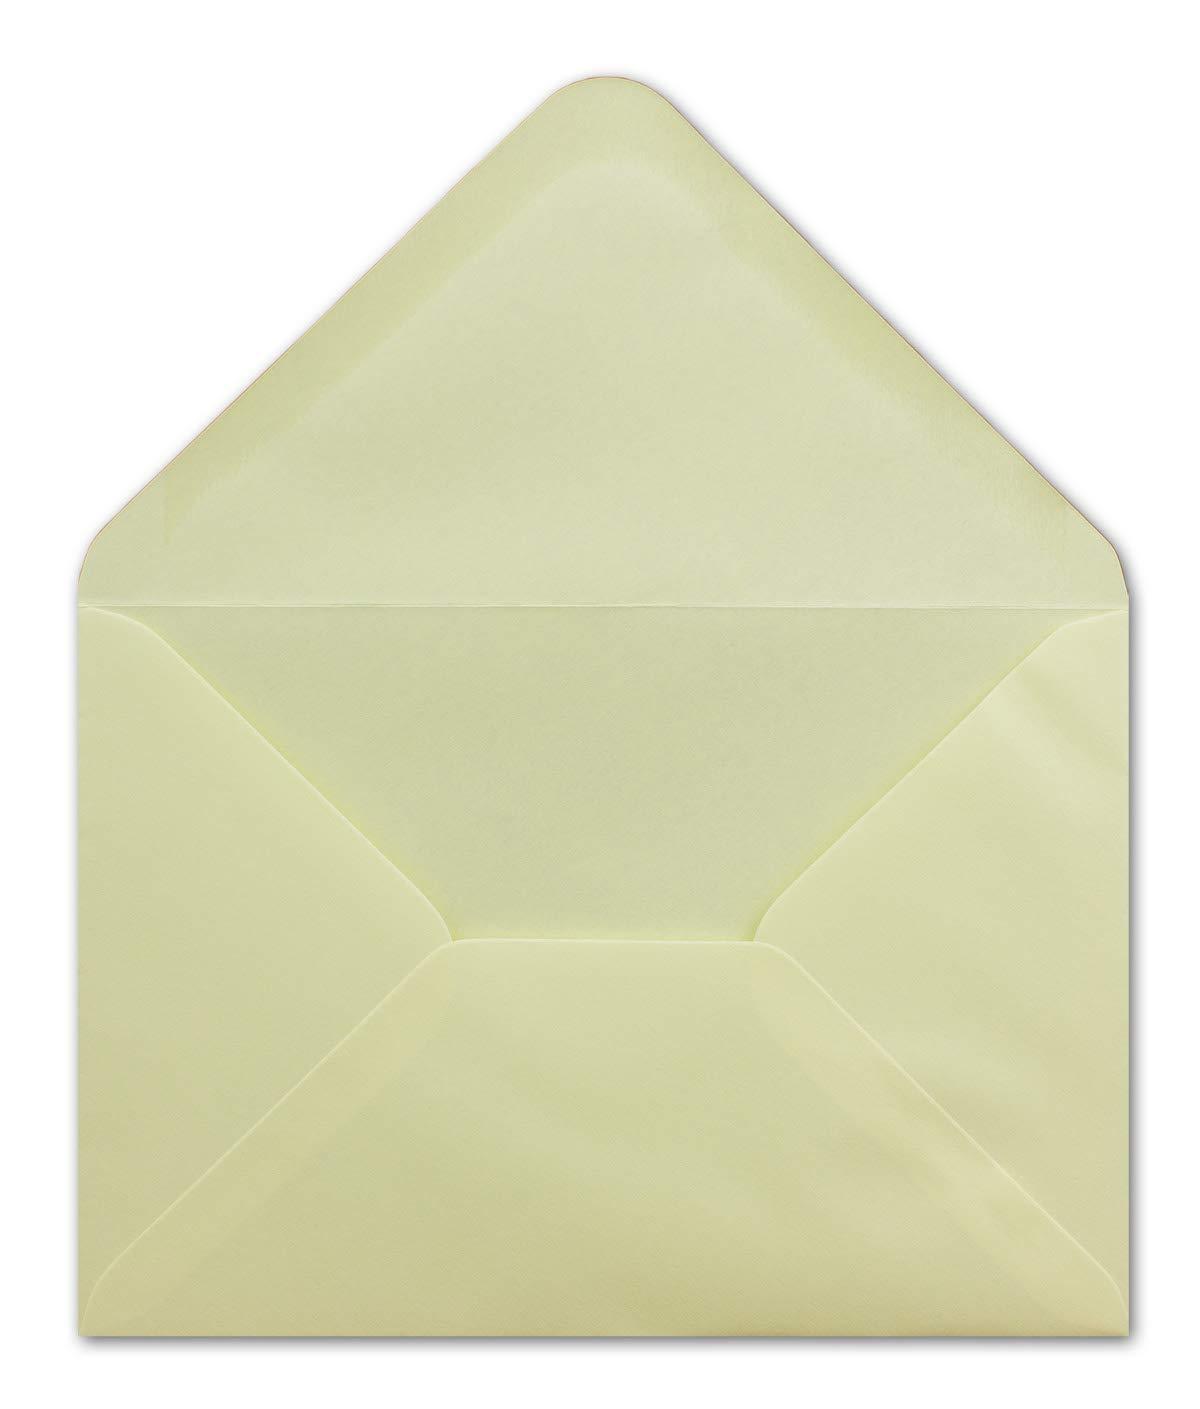 500 DIN C6 Briefumschläge Mintgrün - 11,4 x 16,2 16,2 16,2 cm - 80 g m² Nassklebung spitze Klappe - aus der Serie Colours-4-you - Glüxx-Agent B07PFPHRPN | Deutschland München  a1f0b3